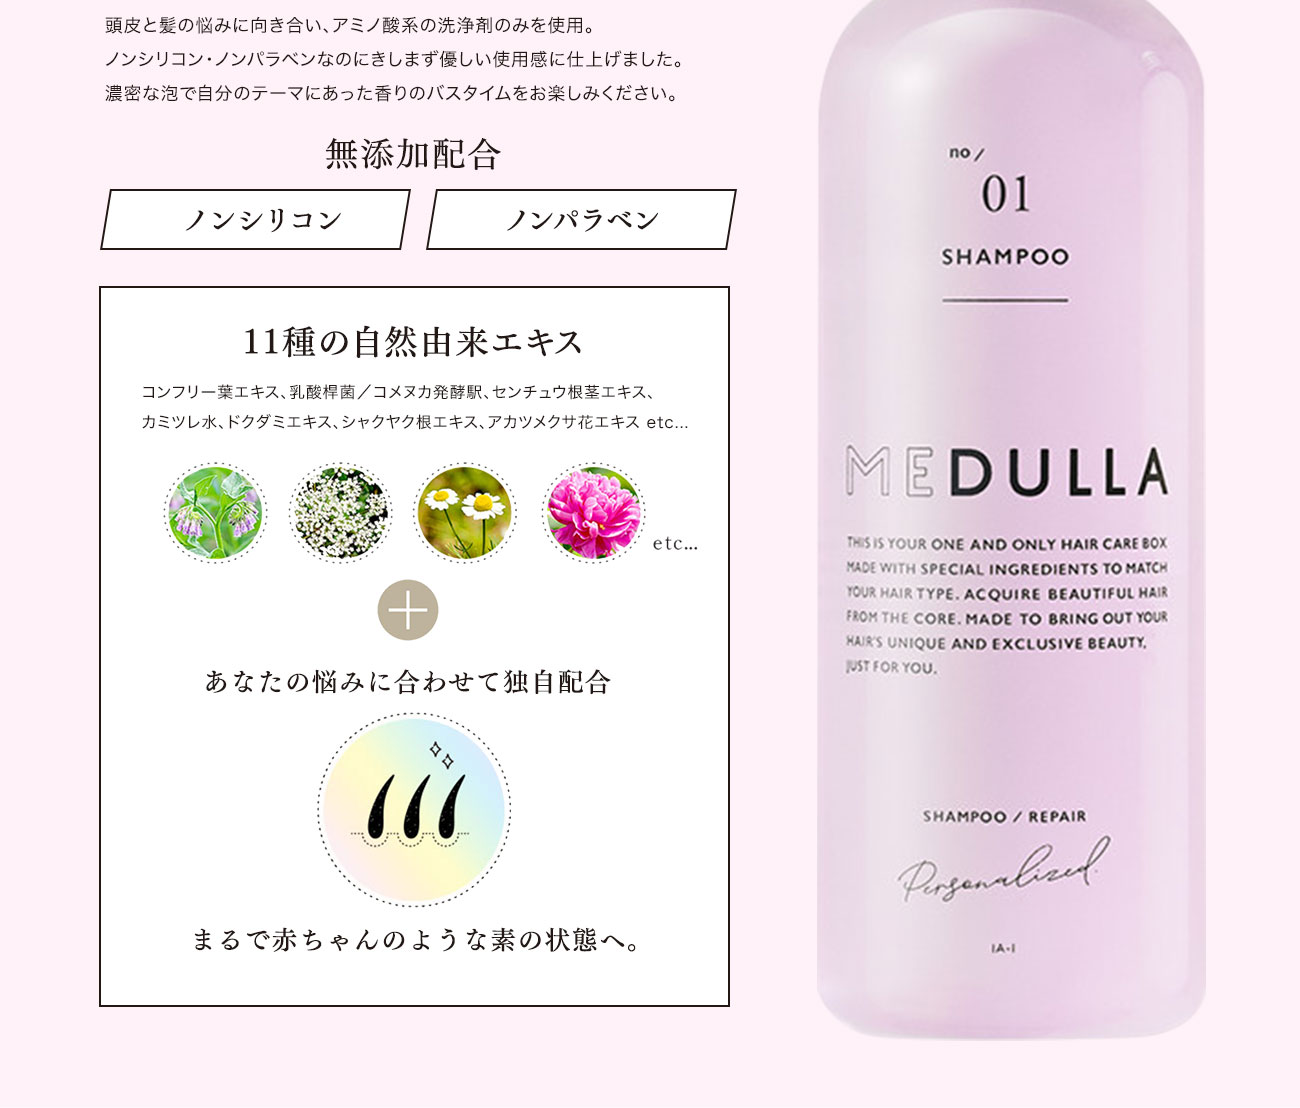 頭皮と髪の悩みに向き合い、アミノ酸系の洗浄剤のみを使用。ノンシリコン・ノンパラベンなのにきしまず優しい使用感に仕上げました。濃密な泡で自分のテーマにあった香りのバスタイムをお楽しみください。無添加配合11種の自然由来エキスコンフリー葉エキス、乳酸桿菌/コメヌカ発酵駅、センチュウ根茎エキス、カミツレ水、ドクダミエキス、シャクヤク根エキス、アカツメクサ花エキス etc...あなたの悩みに合わせて独自配合まるで赤ちゃんのような素の状態へ。